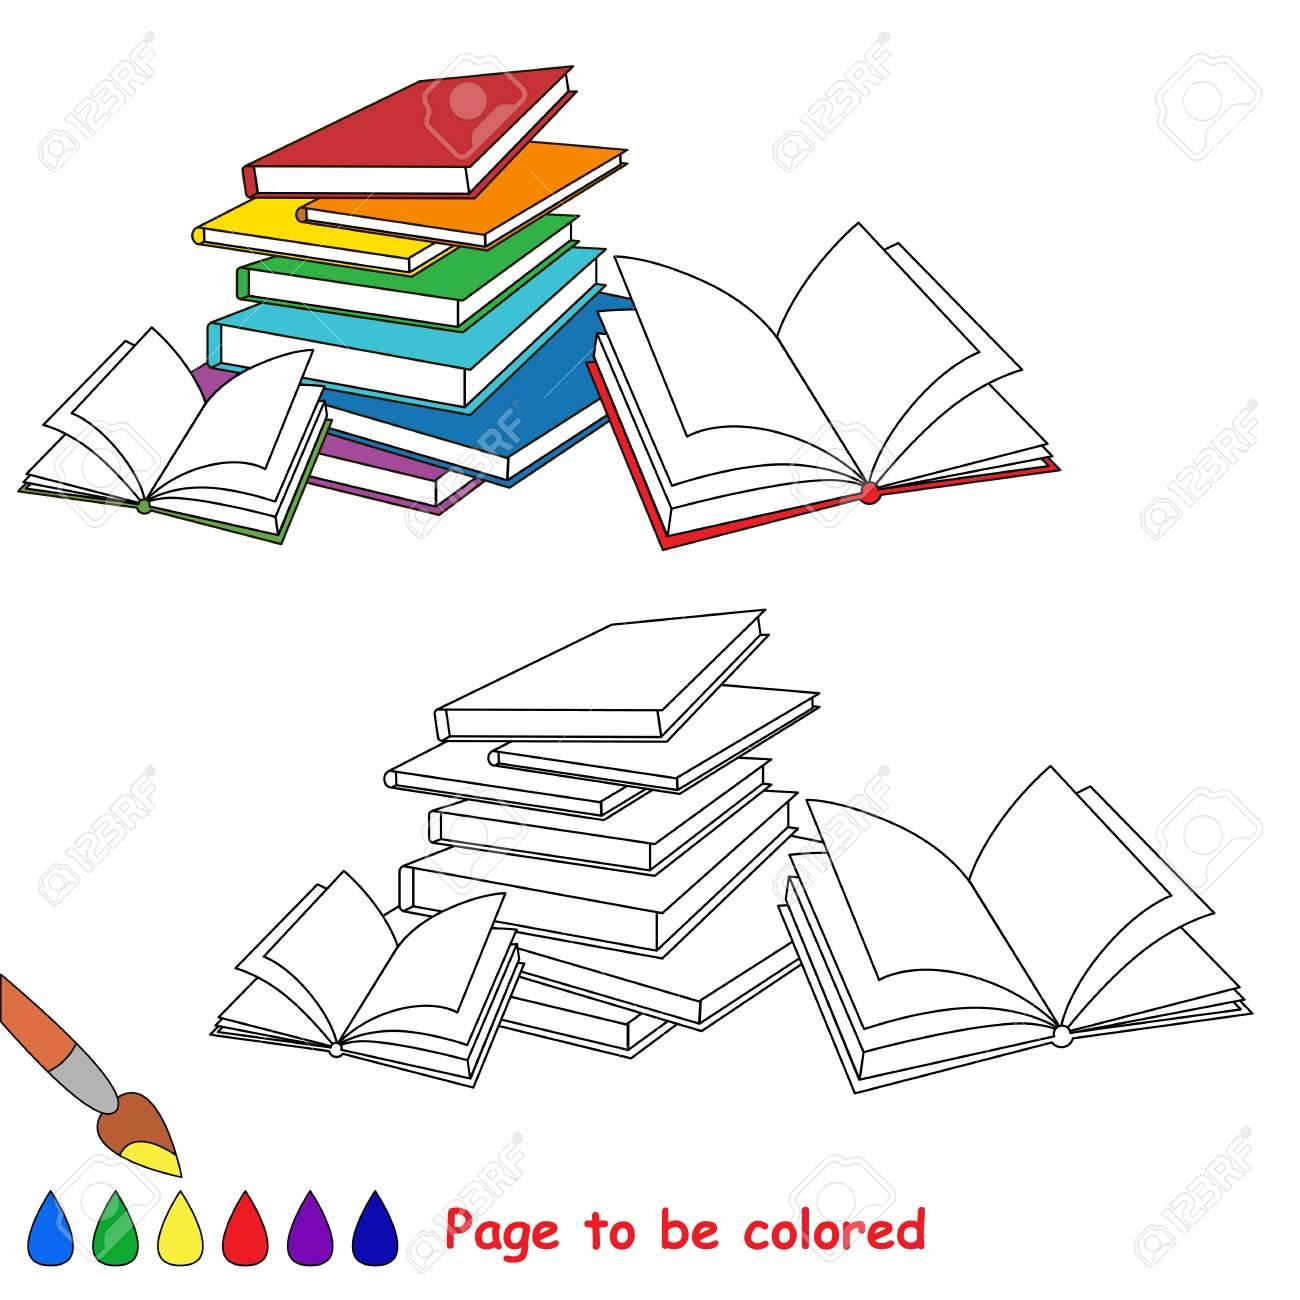 Muchos Libros Para Colorear El Libro Para Colorear Para Educar A Los Niños En Edad Preescolar Con Juegos Educativos Fáciles Para Niños Y